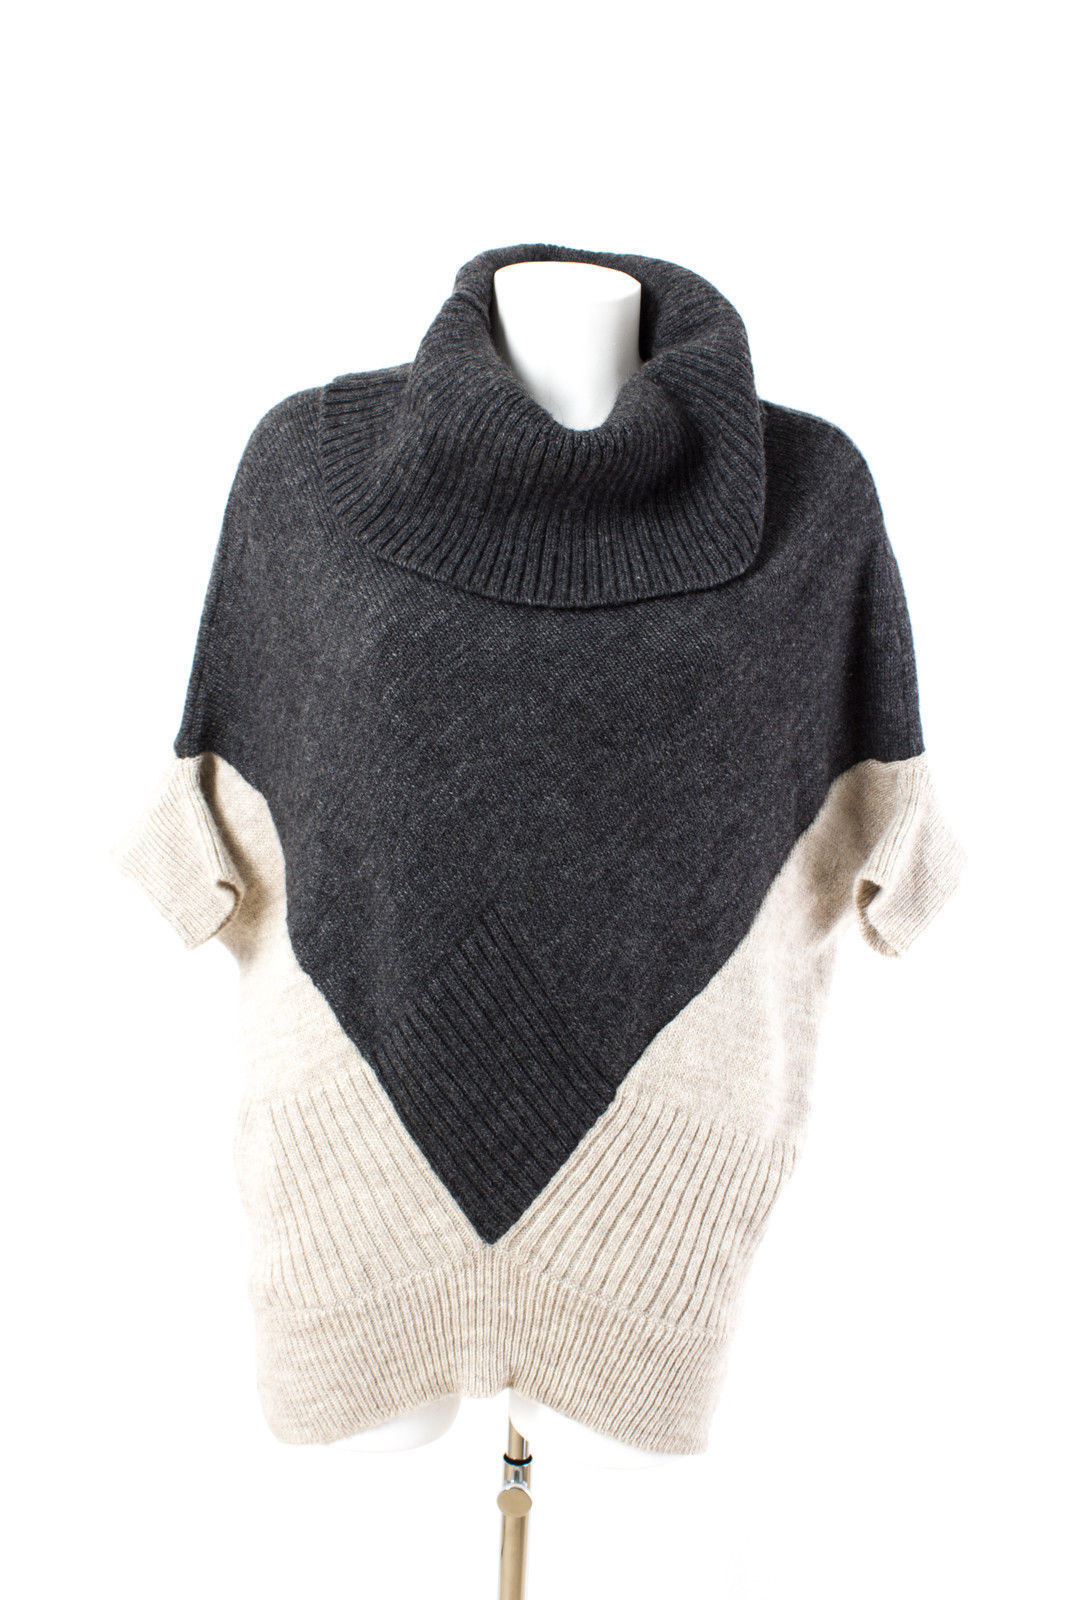 Vt29845 blu - Jeordie'S man's blu Vt29845 sweater daa0e1